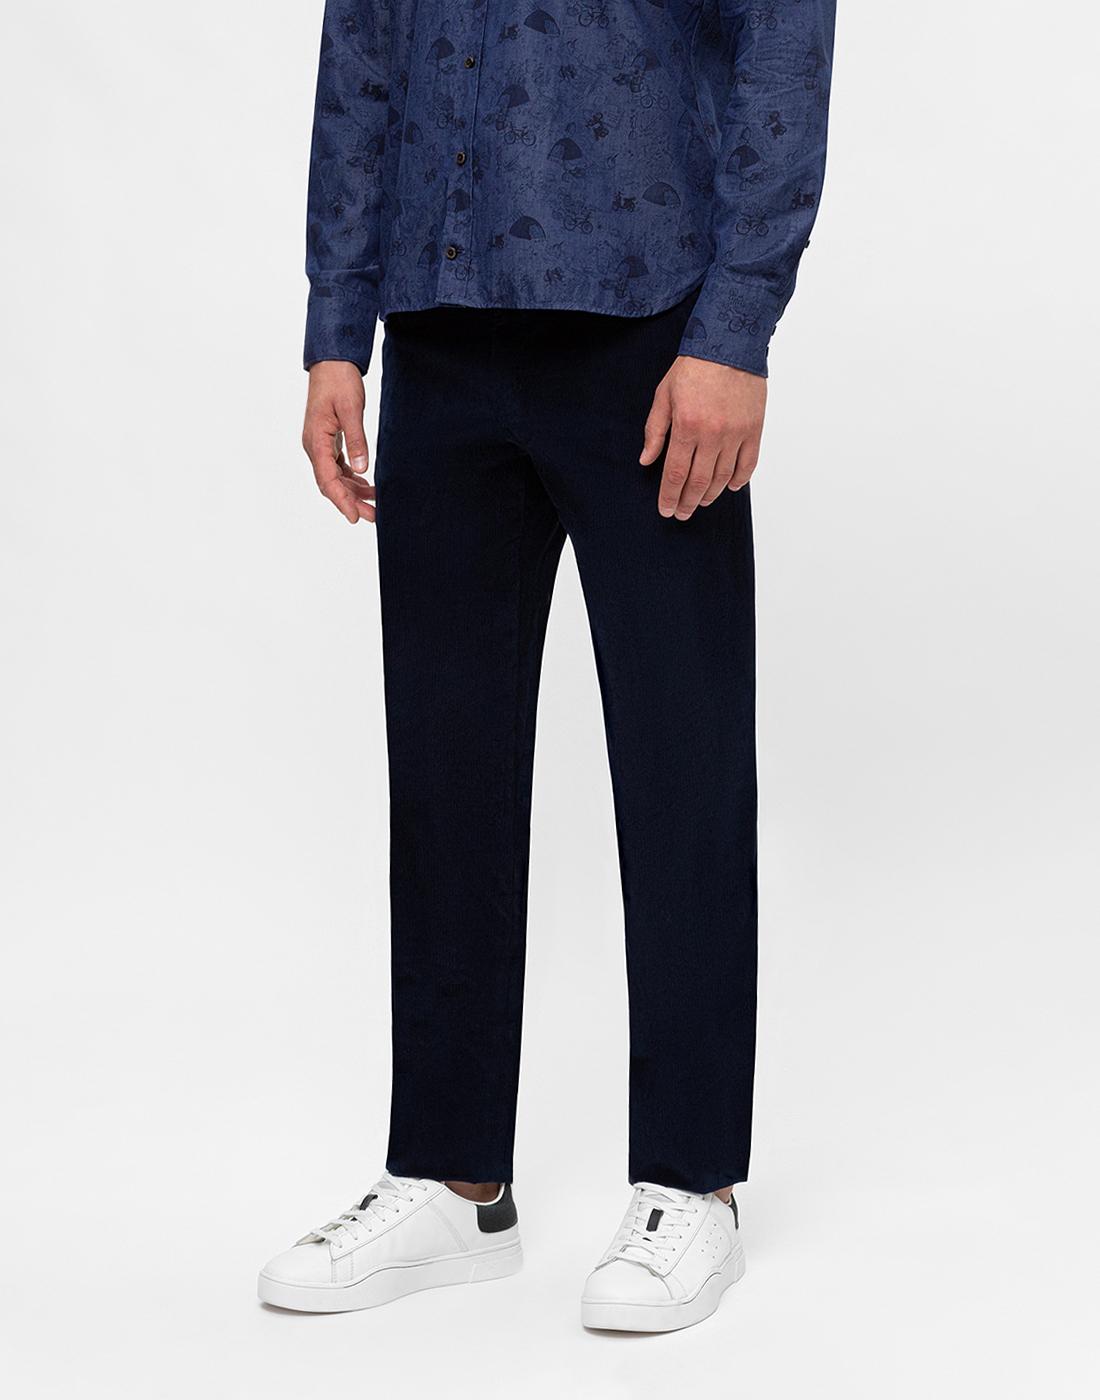 Мужские темно-синие вельветовые брюки Hiltl  S74818 43 71700-3